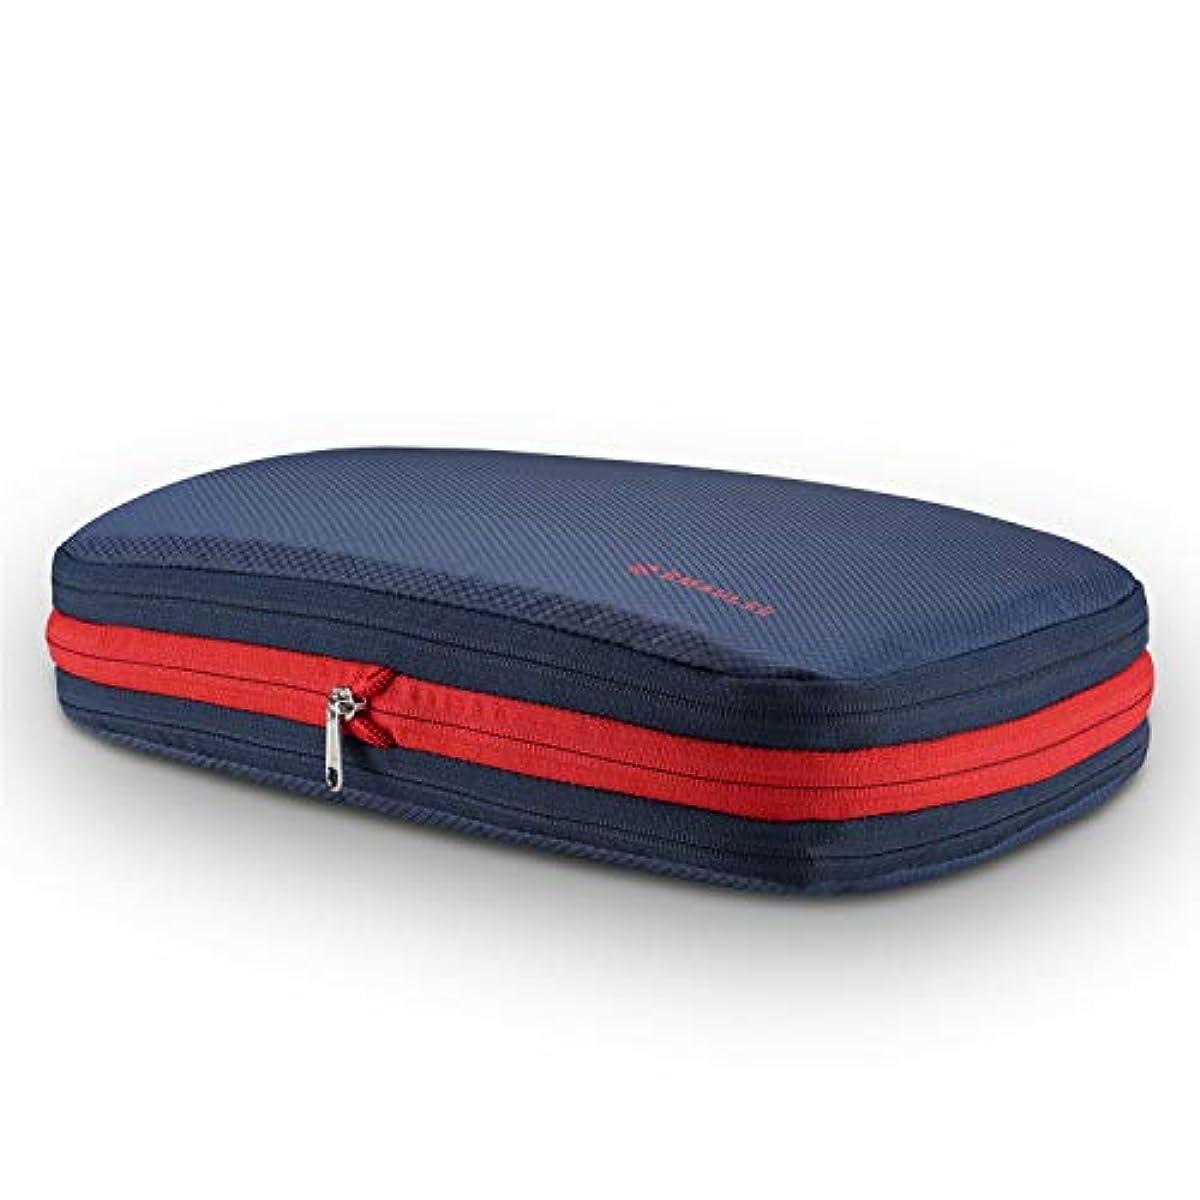 [해외] 압축 화이트 편리 여행 수납 가방 도라# 러브 트래블 파우치 편리 상품 지퍼 압축에 의류 스페이스50%절약 의류 구분 건습분리 방수 경량 출장 여행 간단 압축